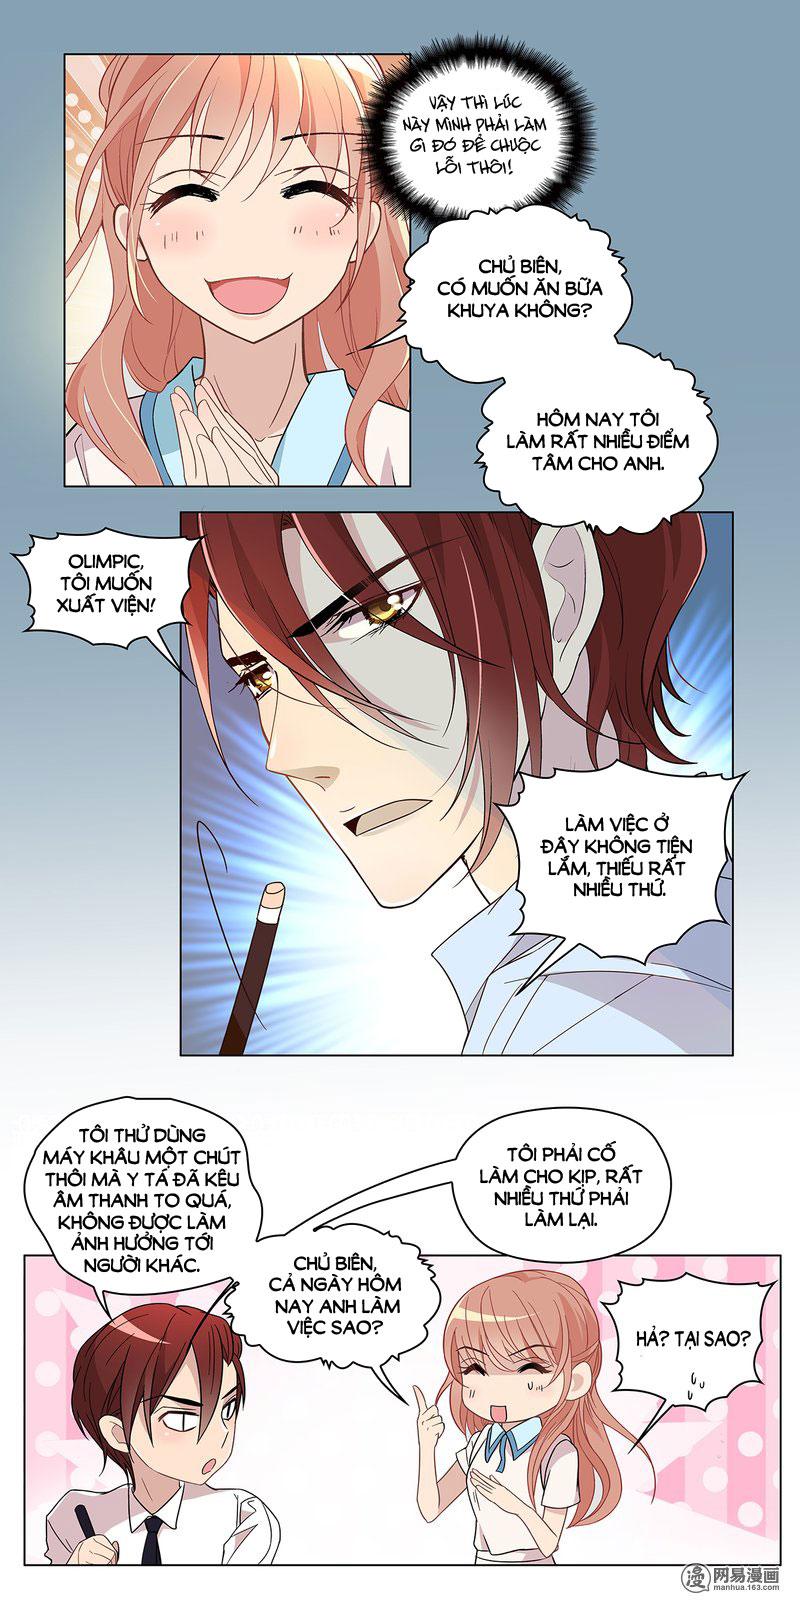 Mai Nữ Đồng Tiểu Nộ chap 42 - Trang 3